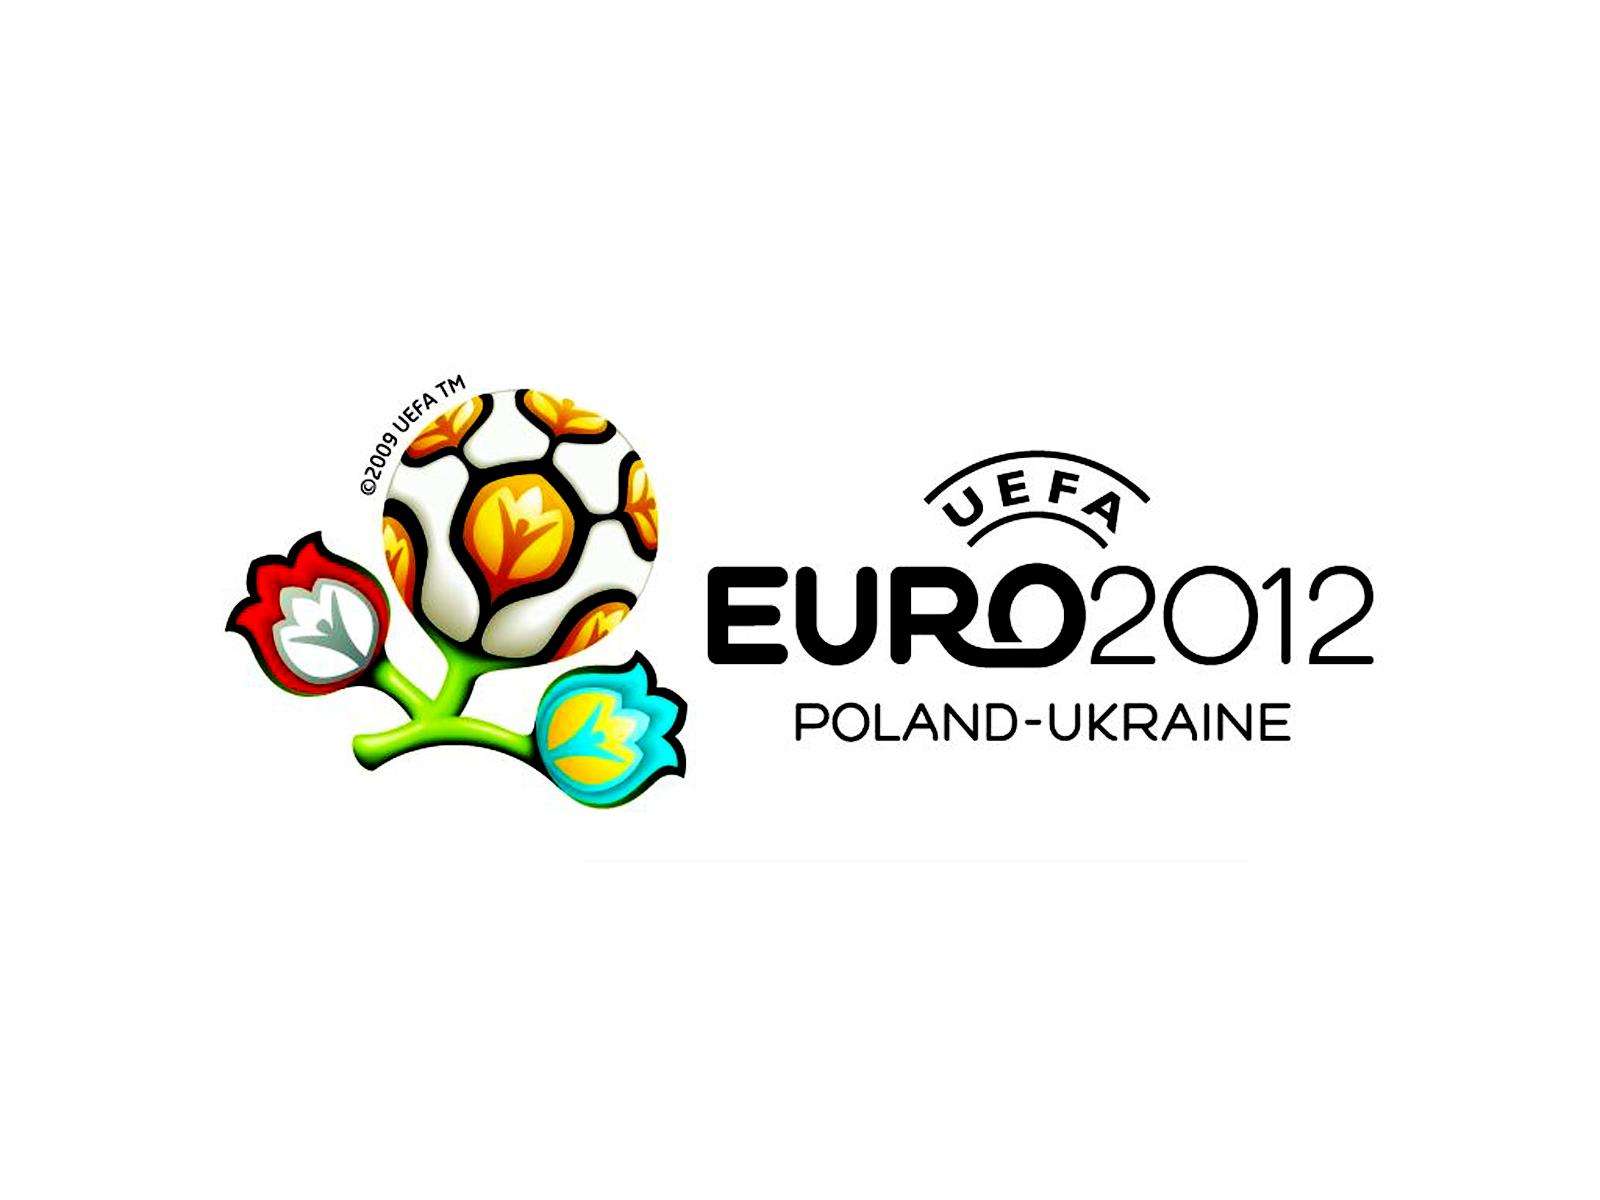 http://1.bp.blogspot.com/-lKaSsUsloiw/TxQ7sszISDI/AAAAAAAAAWA/rzXtH3UfmL0/s1600/Euro_2012_Logo_HD_Wallpaper-Vvallpaper.Net.jpg